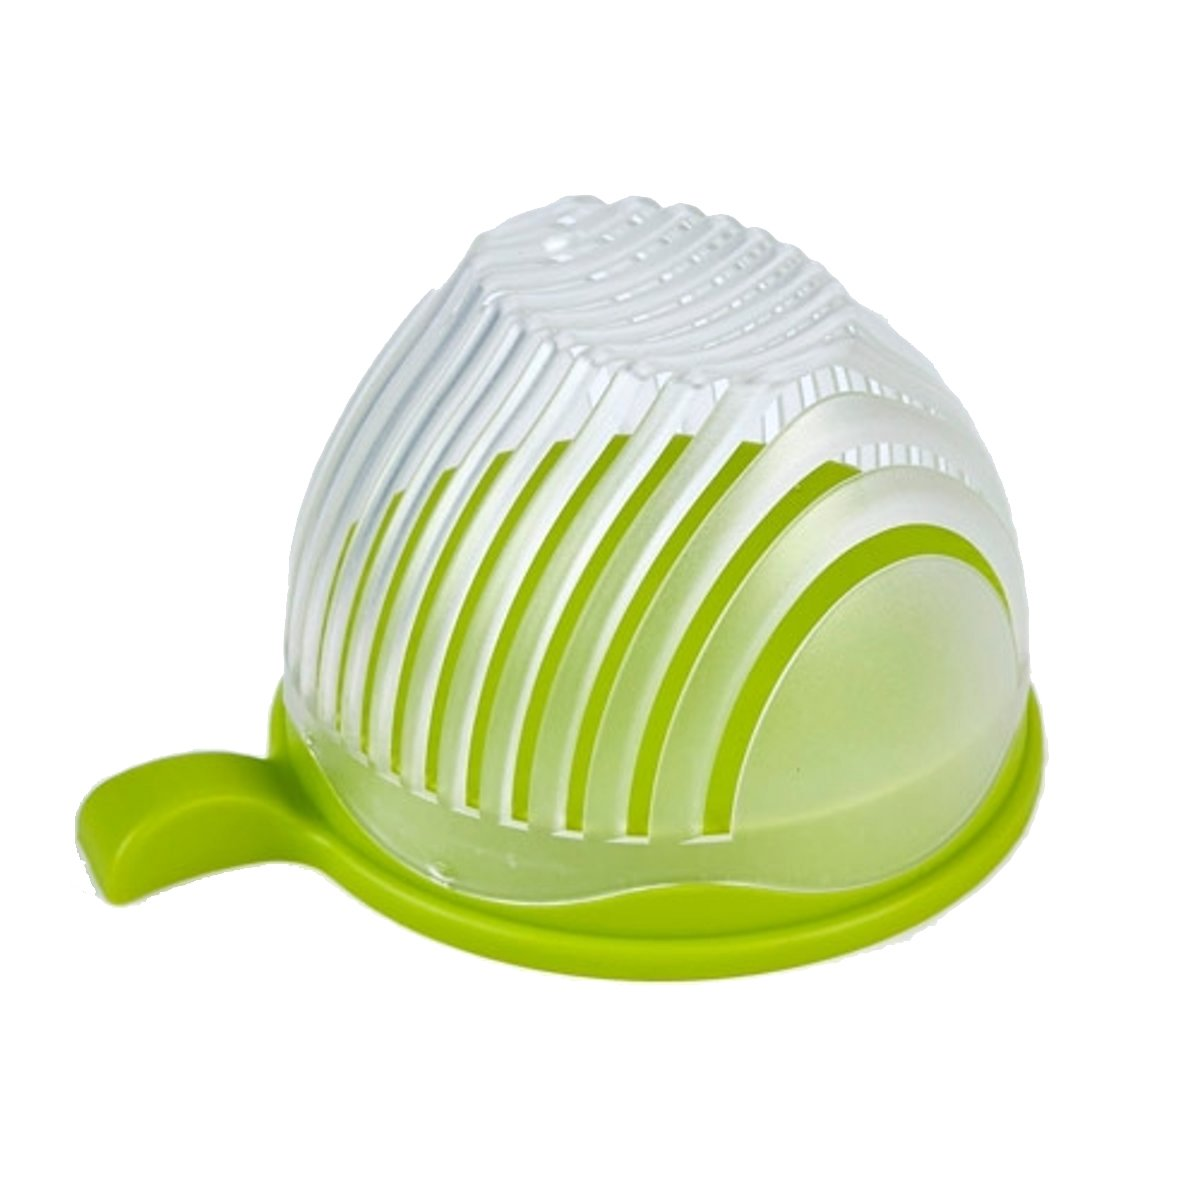 Salade Snijder Kom - Salad Cutter Bowl - Binnen 60 Seconden - De Beste Salade Maker - FDA - Goedgekeurd  - Incl doos kopen